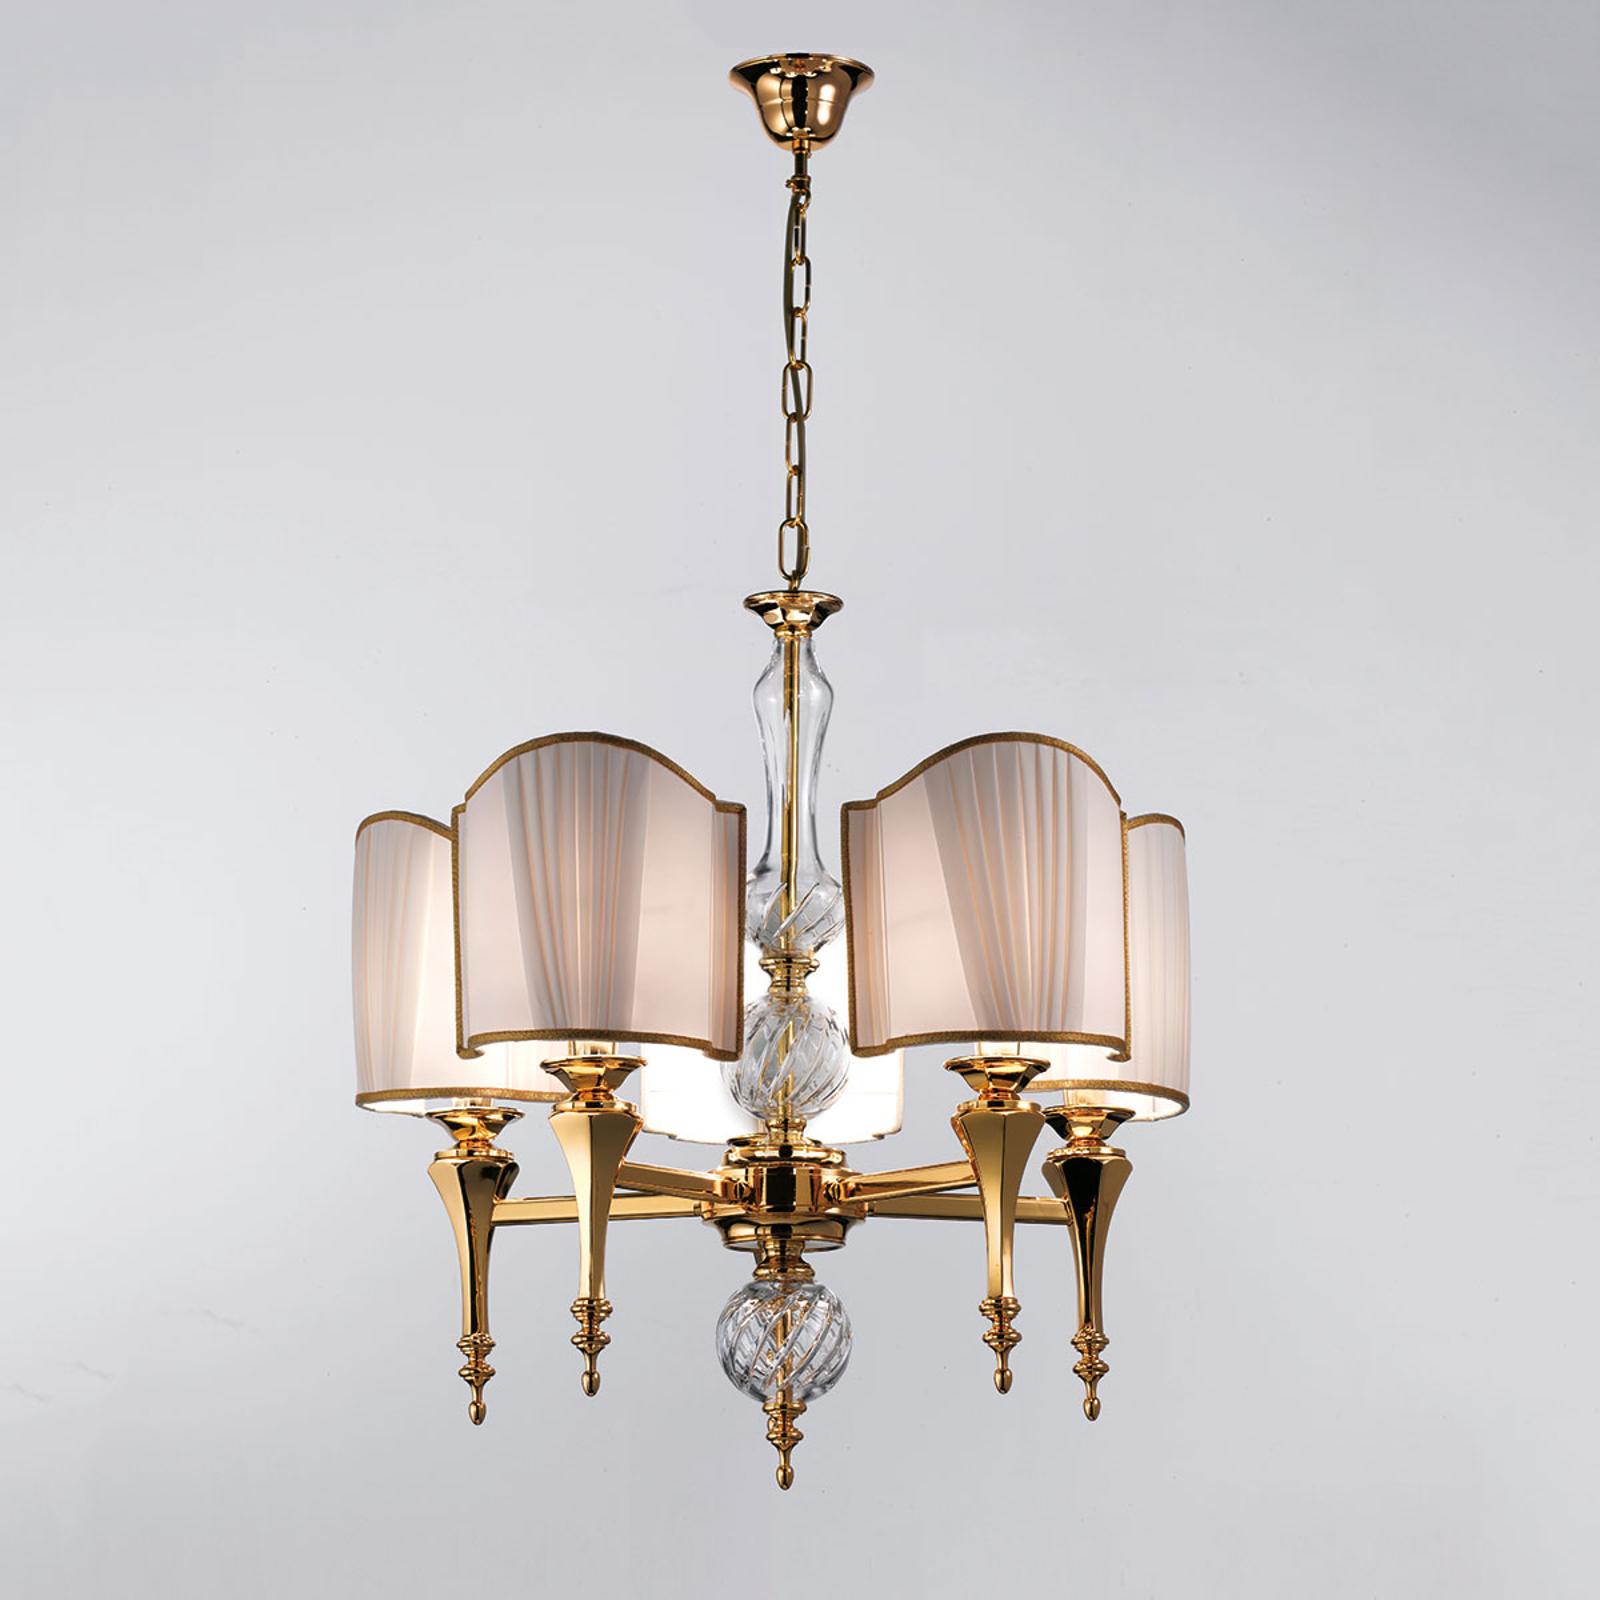 Suspension luxueuse Belle Époque à 5 lampes